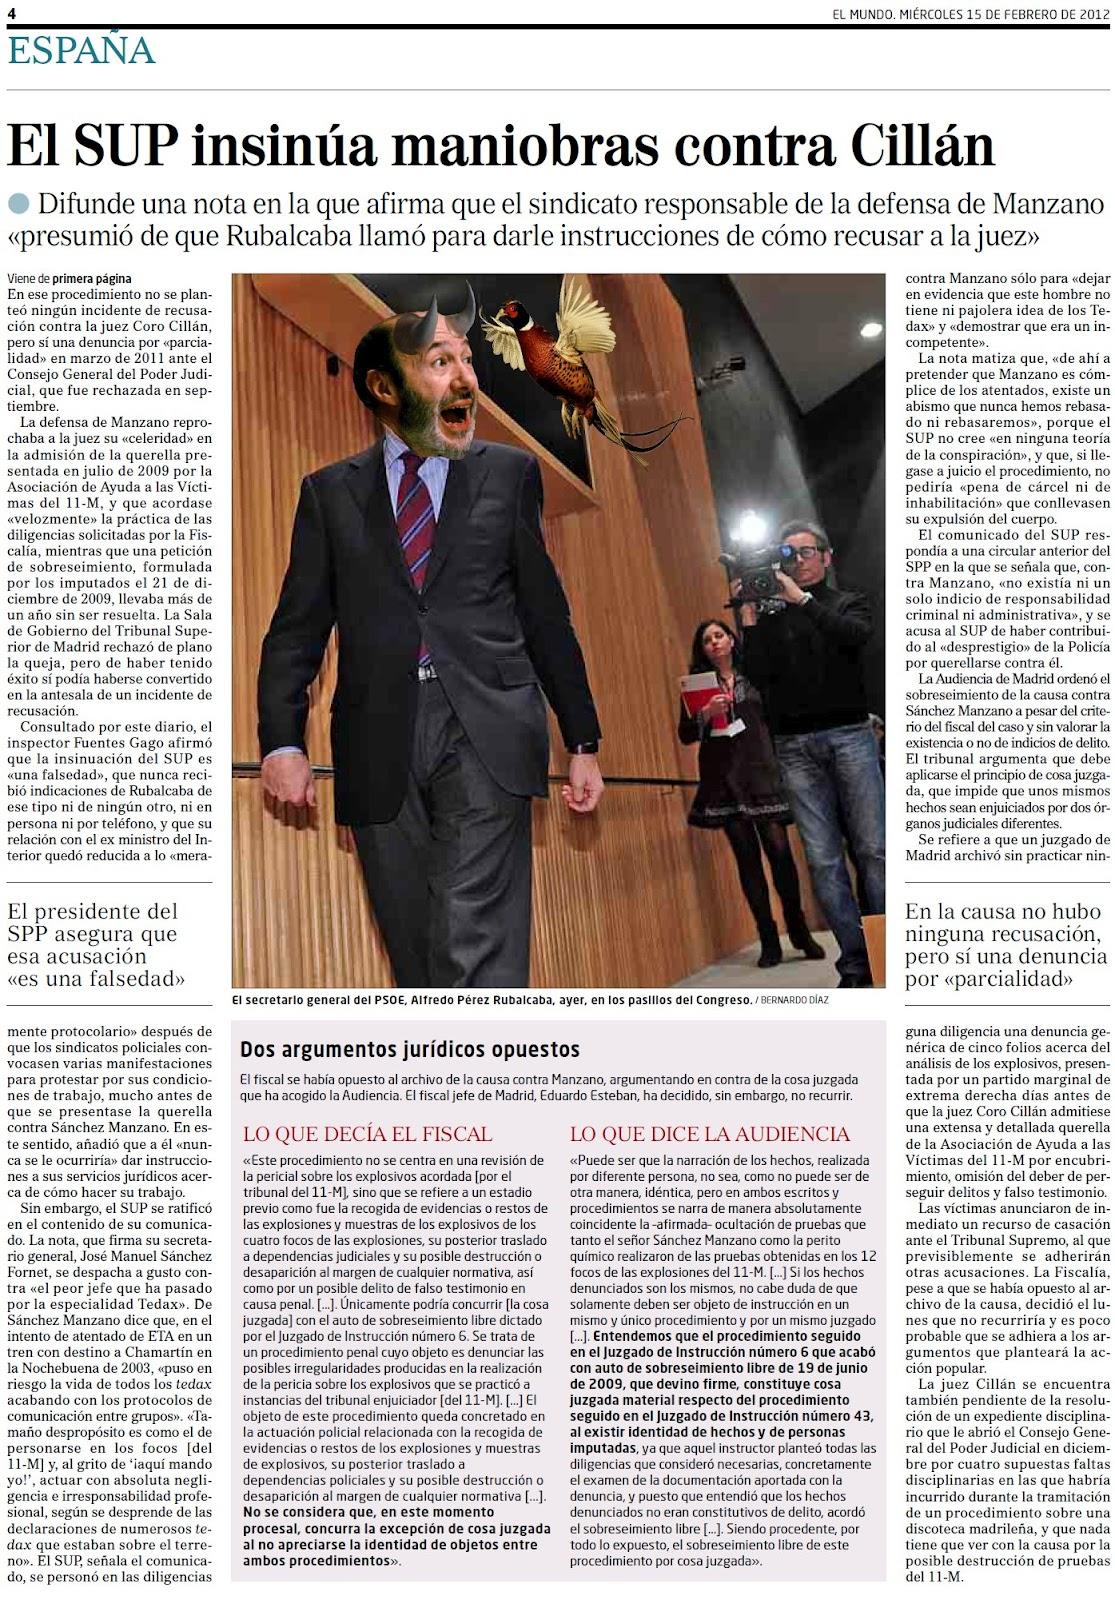 En la guerra sucia por mantener Andalucía, el PSOE busca desestabilizar el Estado, incluso lanzando bulos a nuestros acreedores